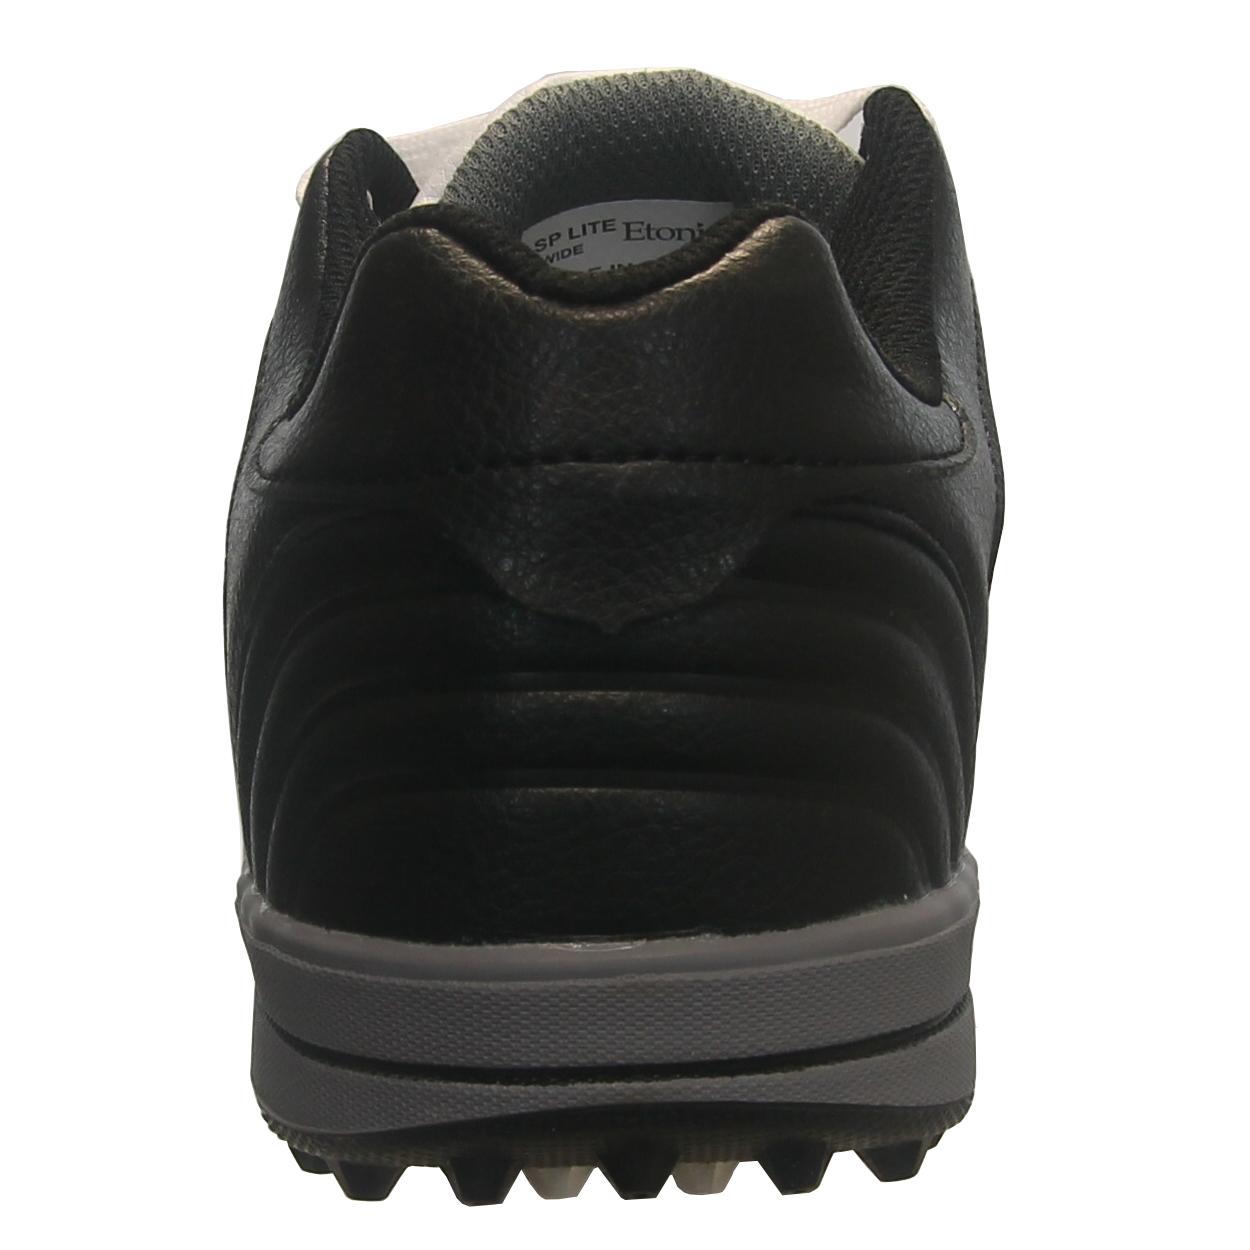 Etonic-Men-039-s-SP-Lite-Spikeless-Golf-Shoe-Brand-New thumbnail 8